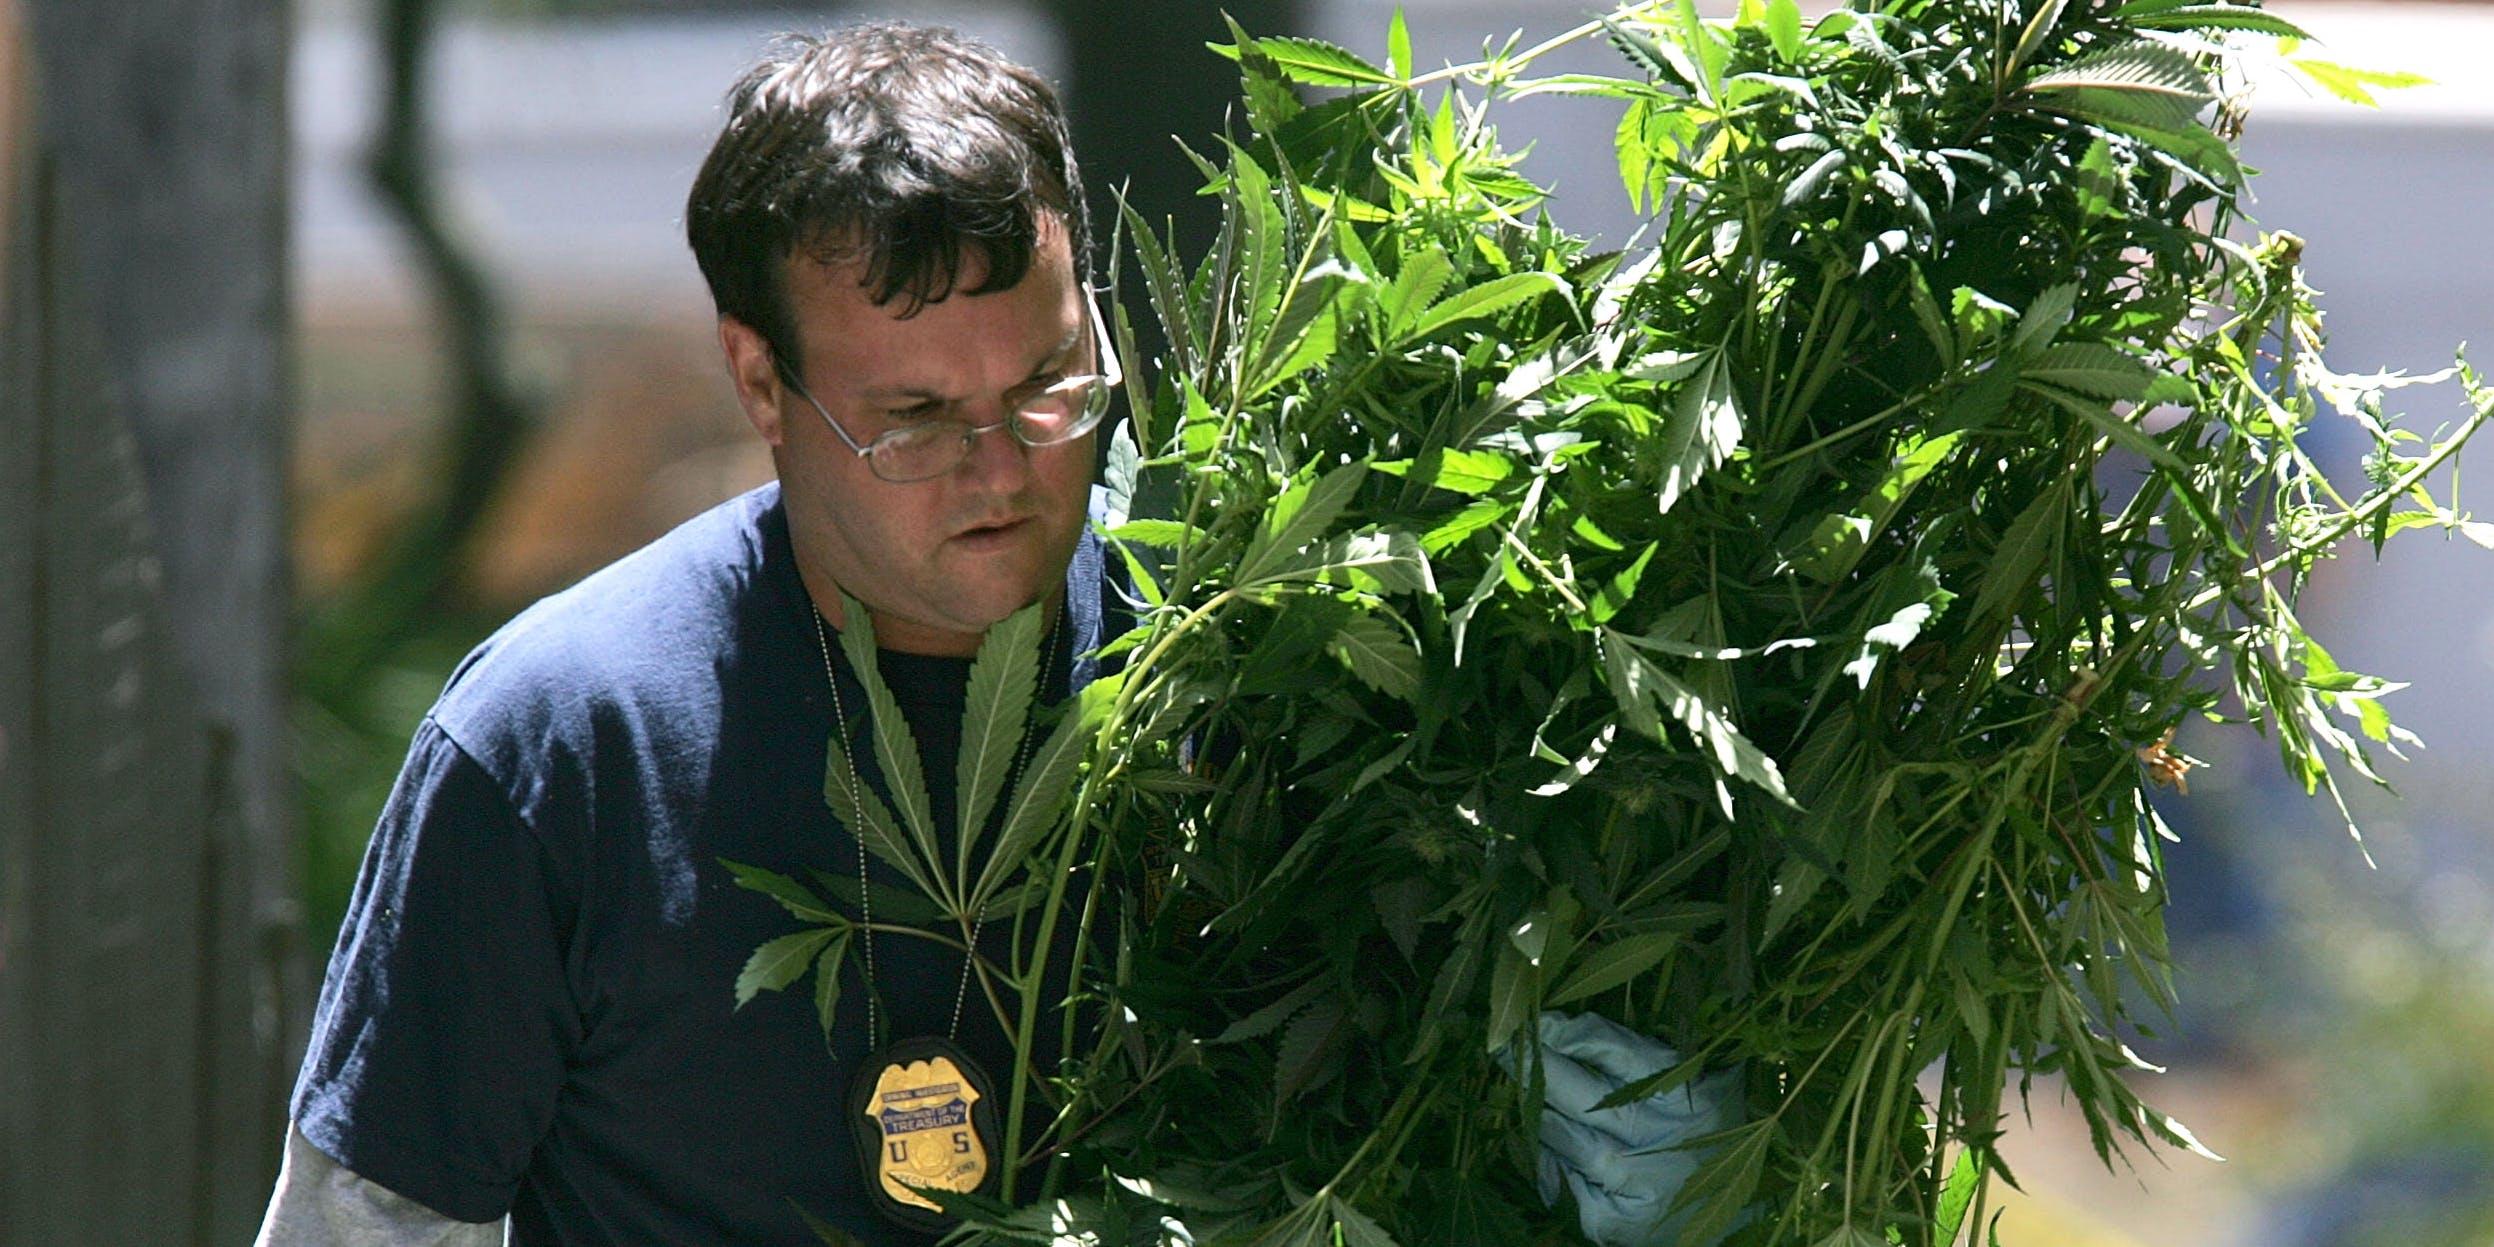 Federal Agents Raid Medical Marijuana Club in 2005